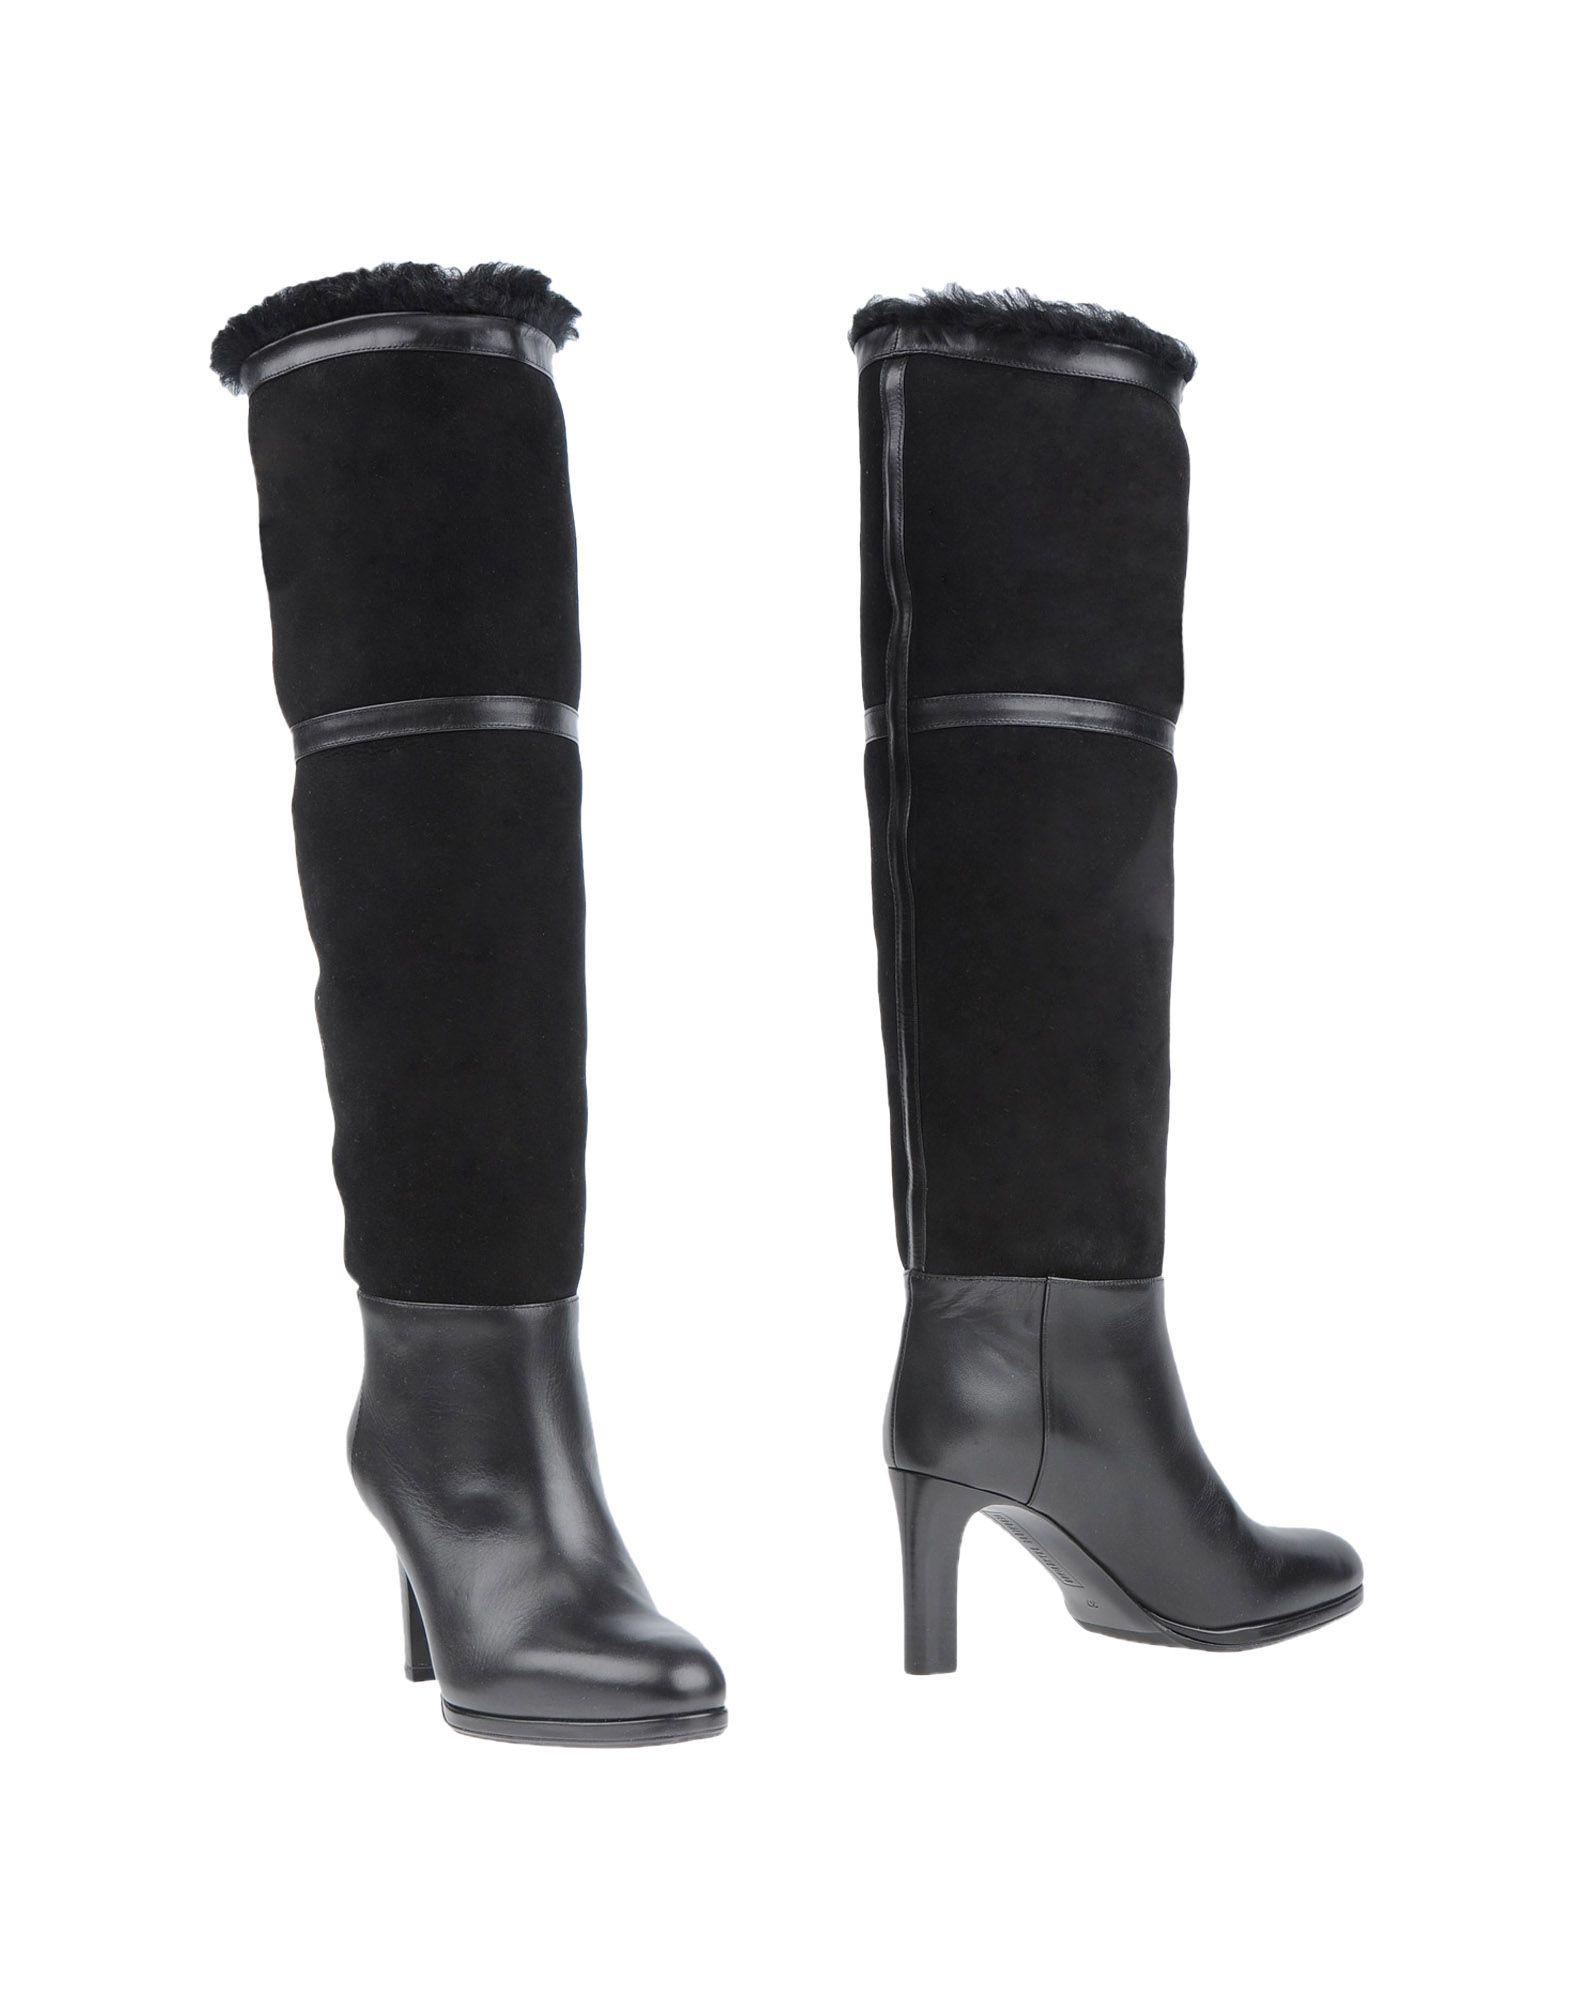 Veronique  Branquinho Stiefel Damen  Veronique 11330355FRGut aussehende strapazierfähige Schuhe 735231